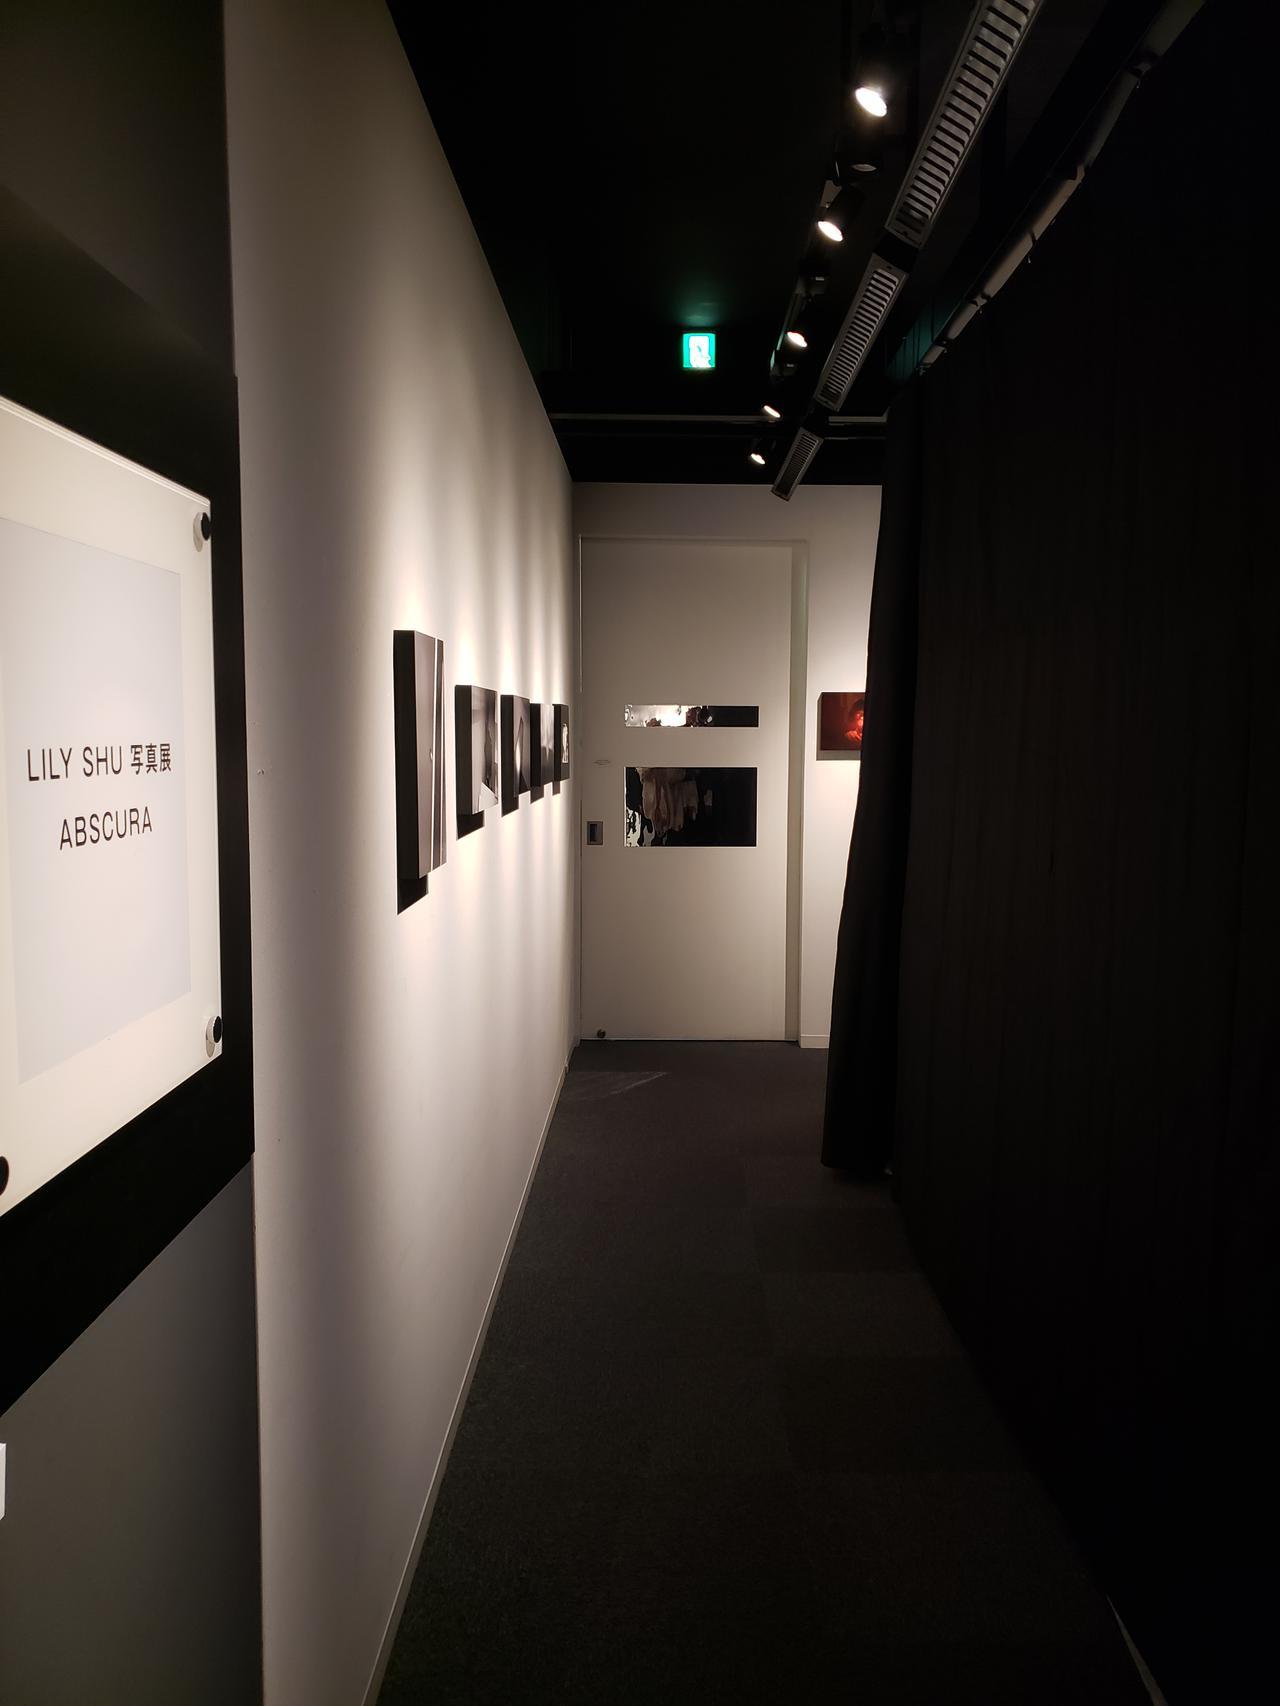 画像: 会場の入り口を入るとすぐに、空間は黒い布と遮光布が縫い合わされたカーテンで仕切られ、まるで洞窟に入ったような感覚に。